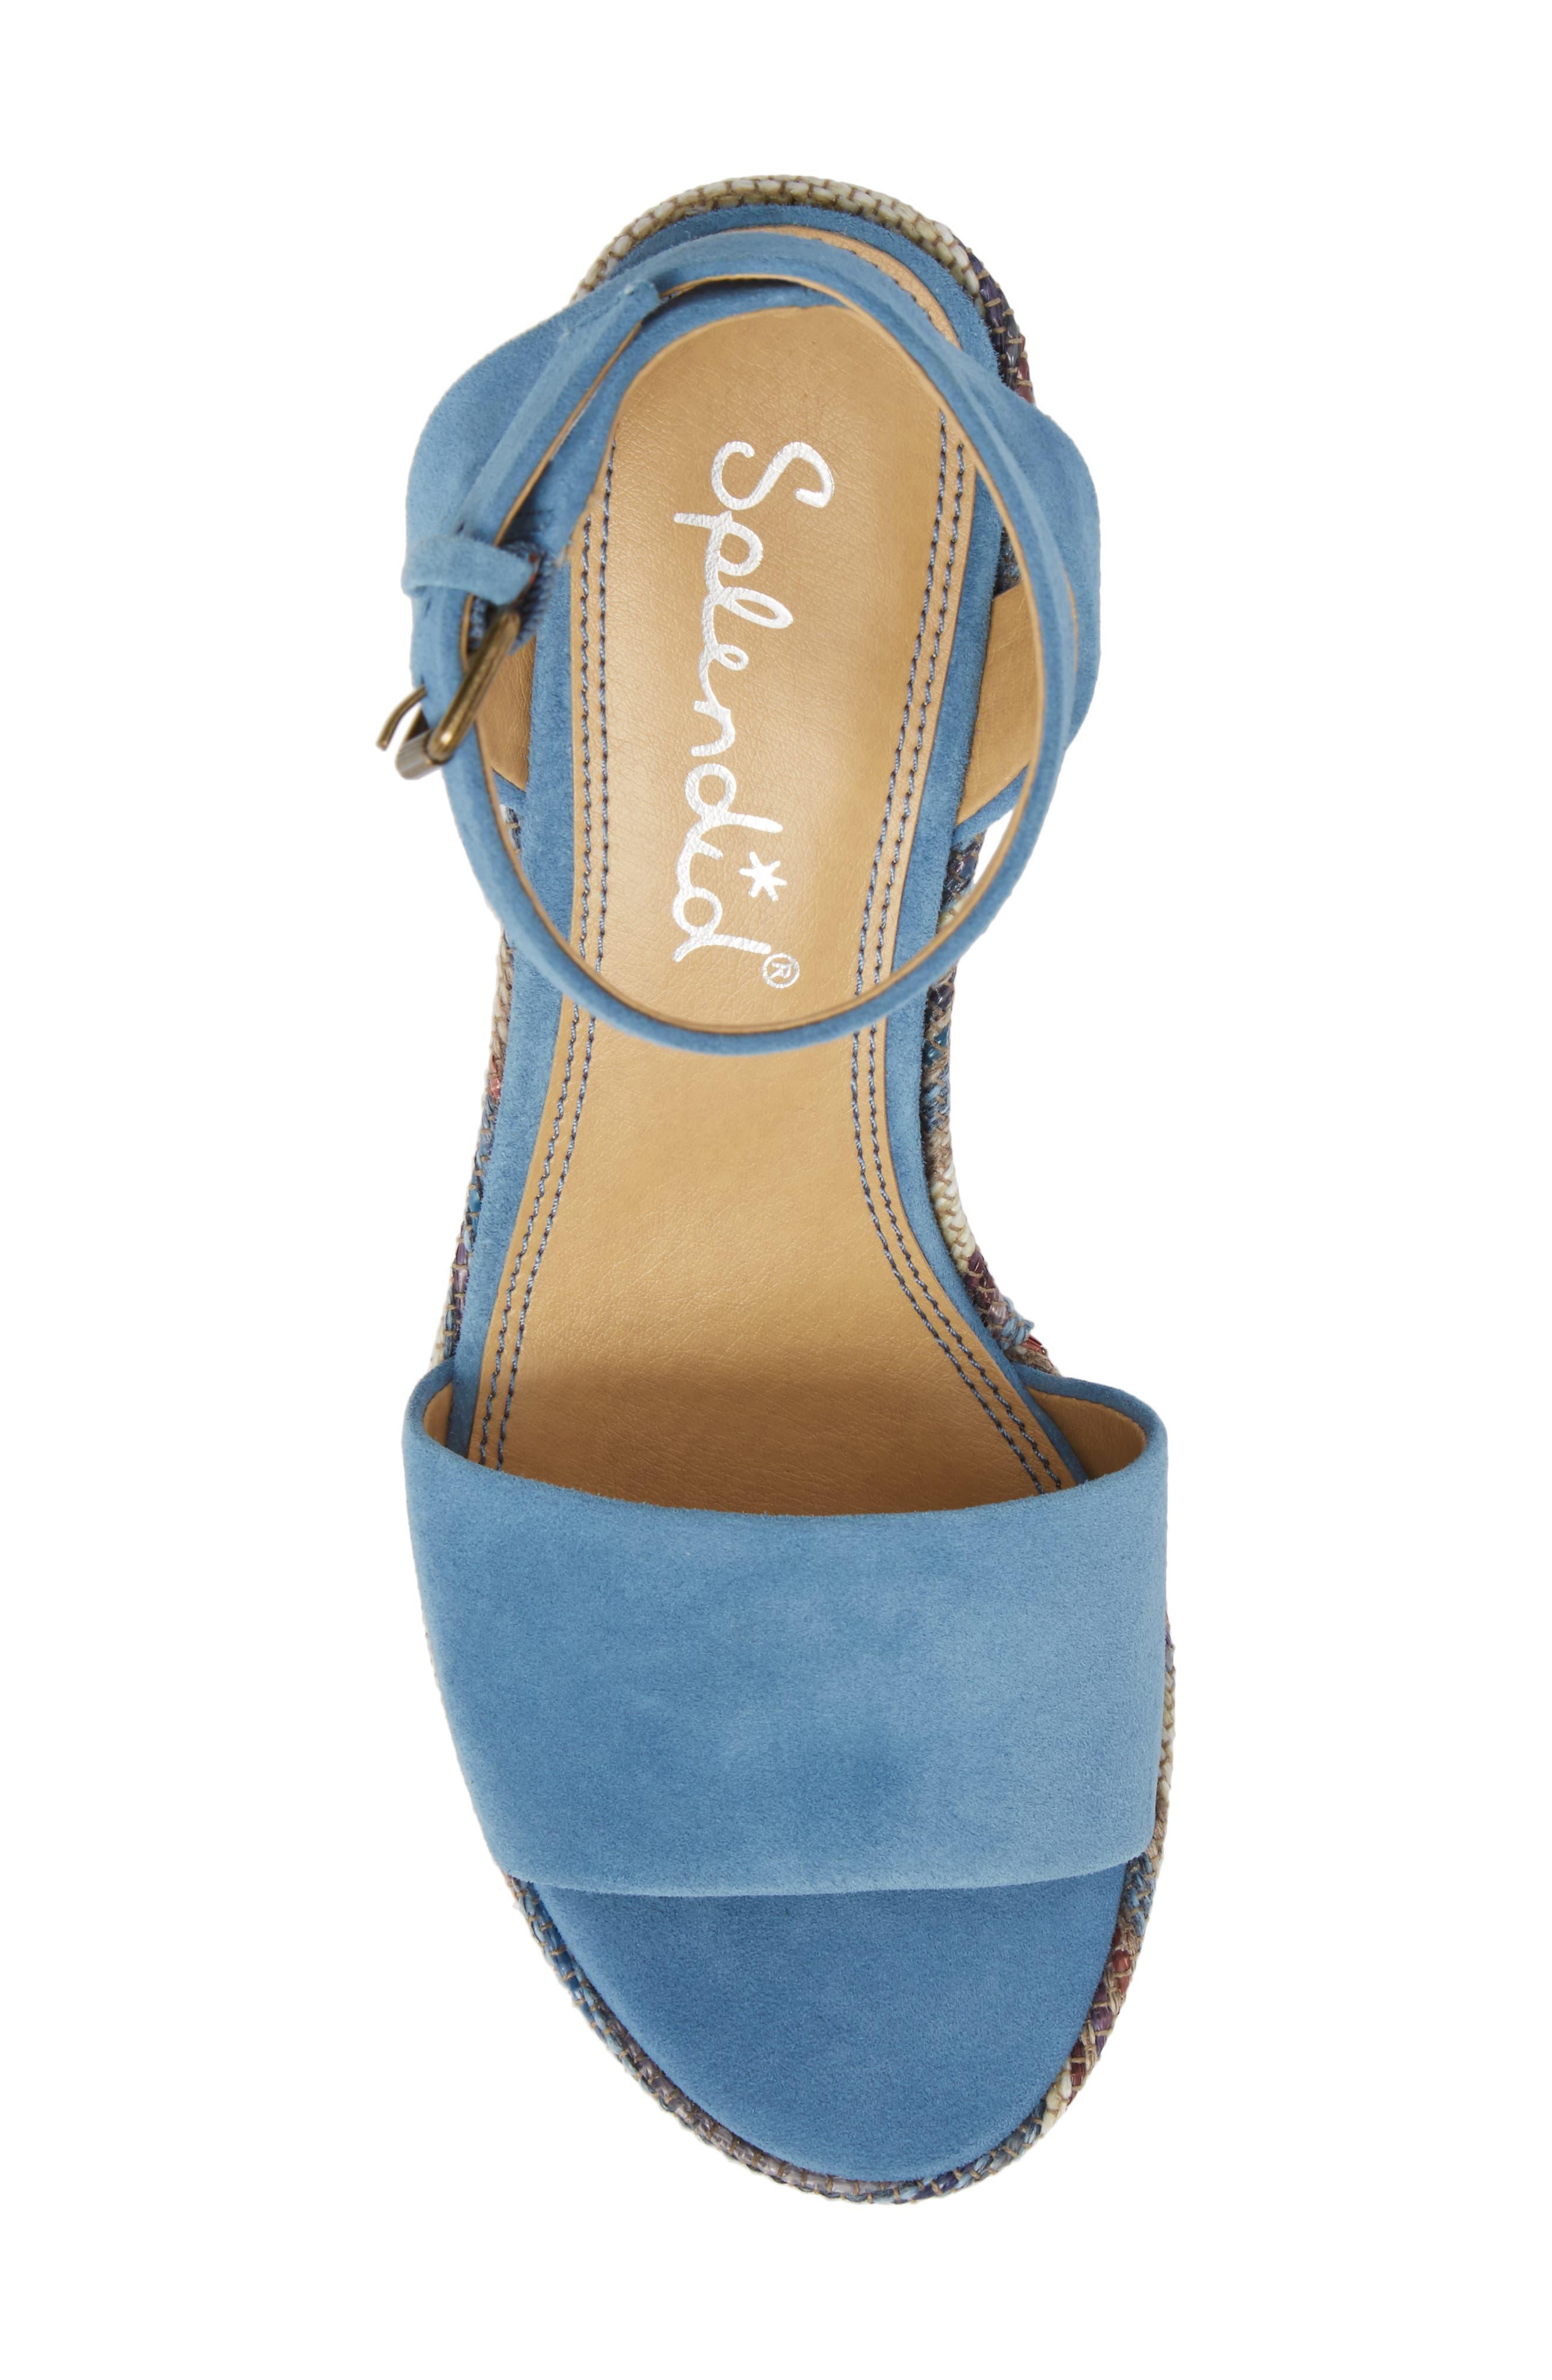 Felix Platform Wedge Sandal,                             Alternate thumbnail 5, color,                             BLUE HORIZON SUEDE